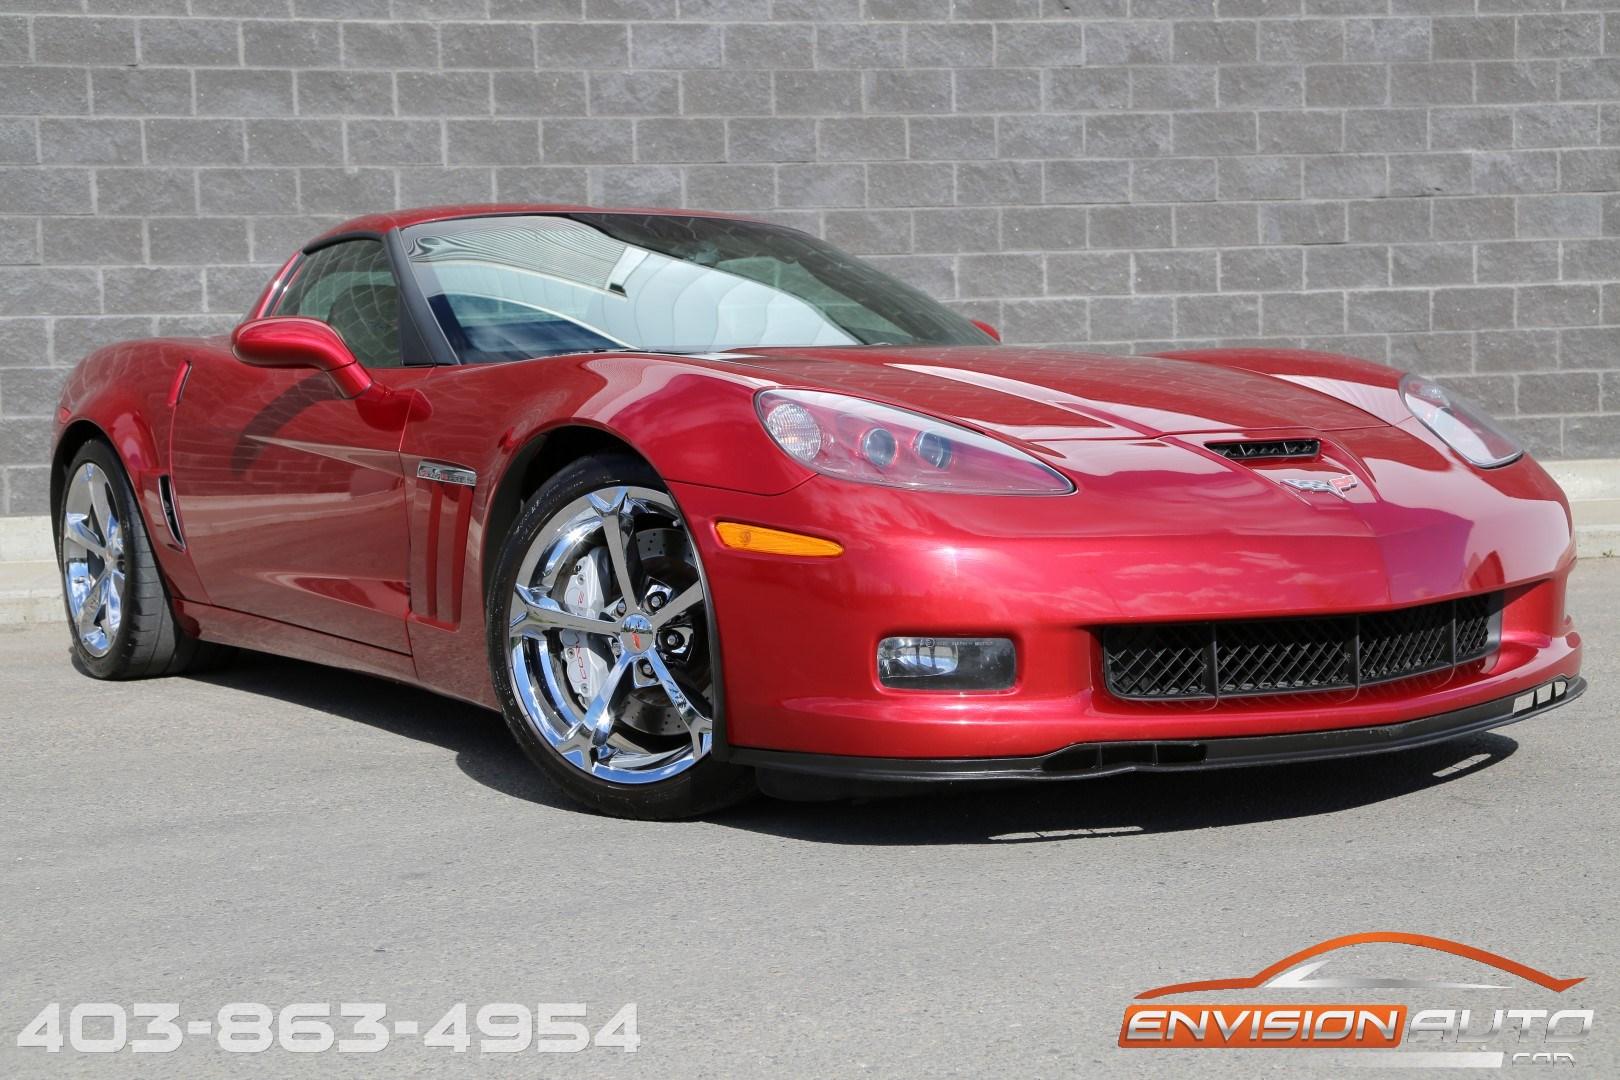 2012 Chevrolet Corvette Grand Sport 3LT Mag Ride 1G1YS2DW3C5110029 23 - 2012 Chevrolet Corvette Coupe 4lt At